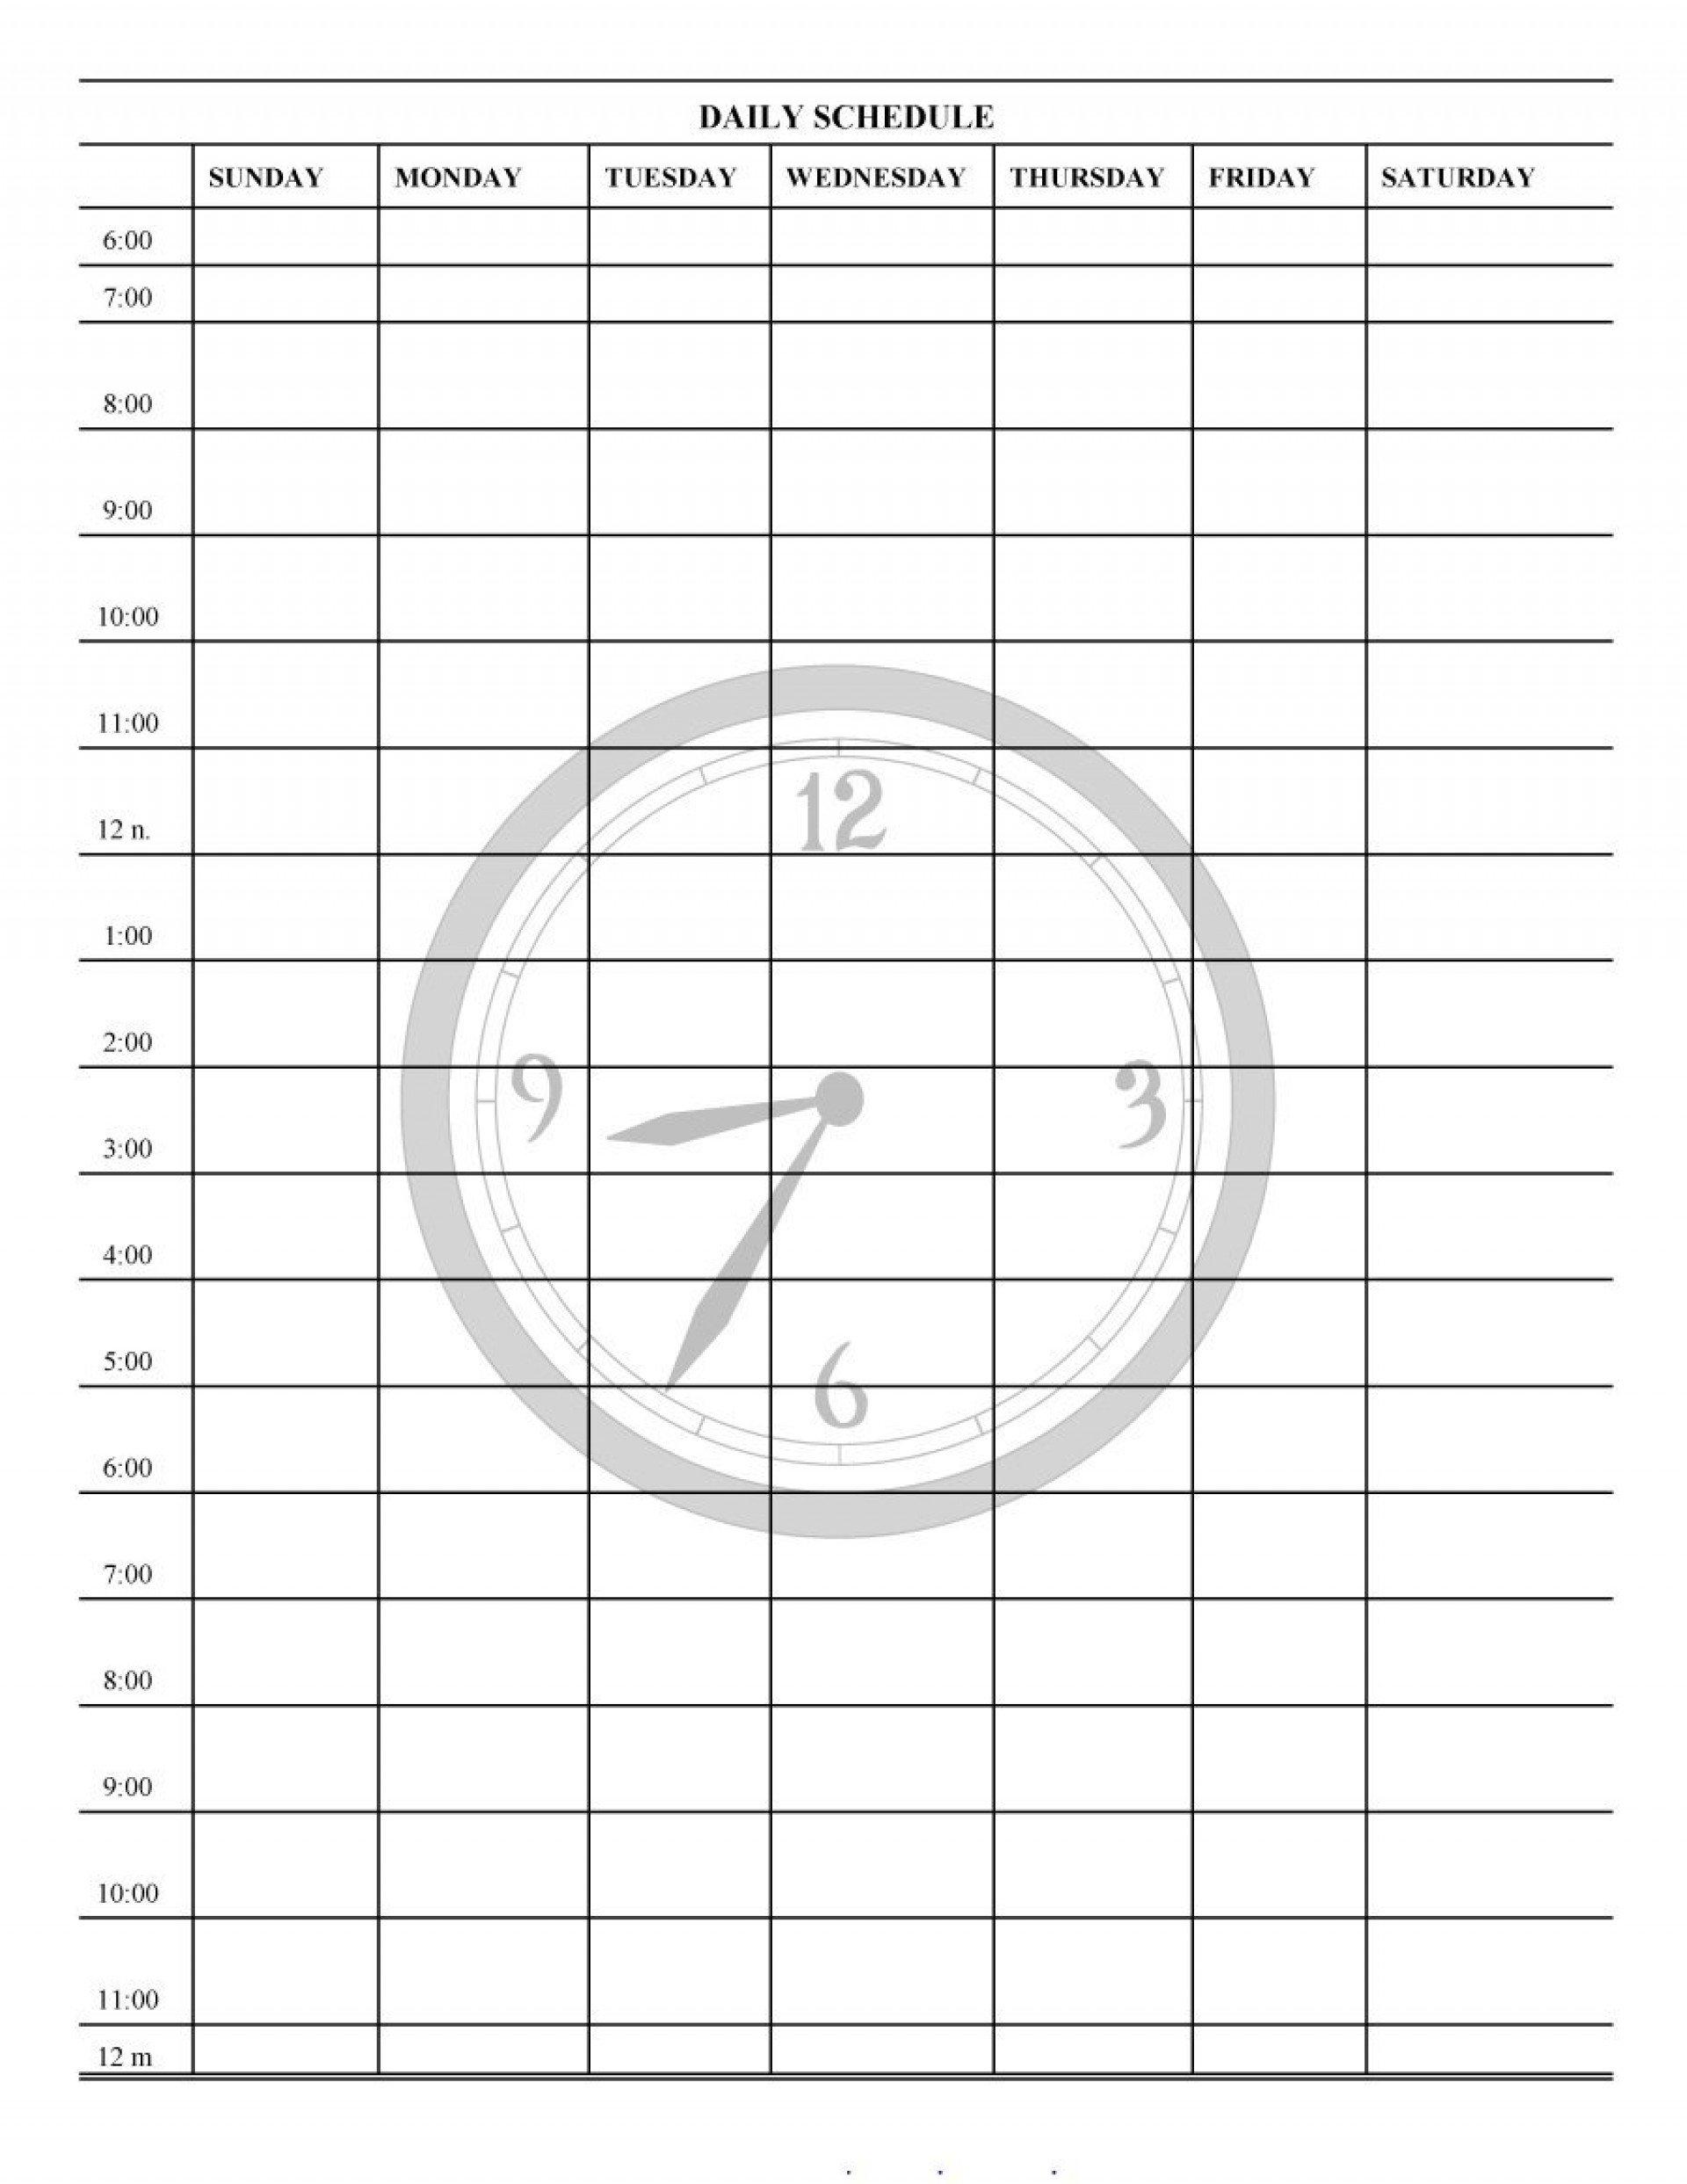 Free 24 Hour Daily Calendar Template   Daily Calendar Printable Day Calendar Hour